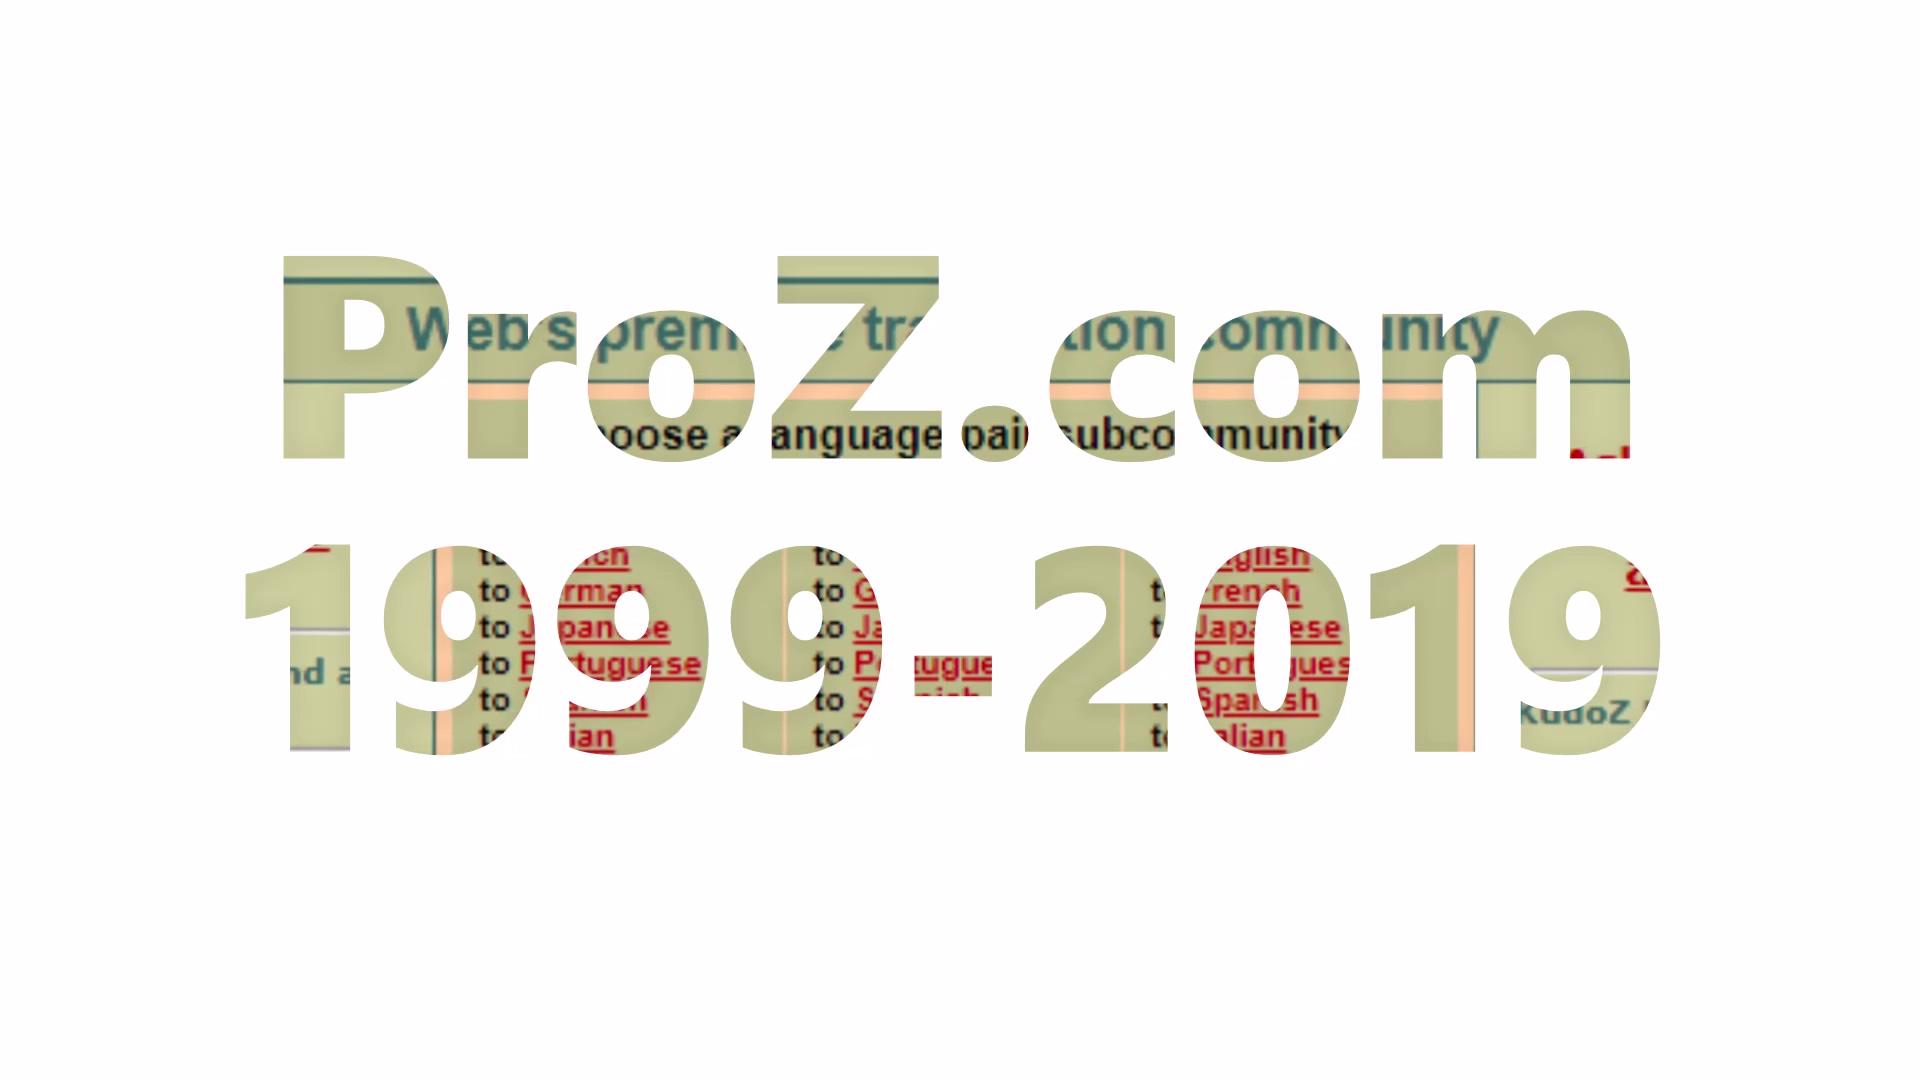 ProZ.com_1999-2019